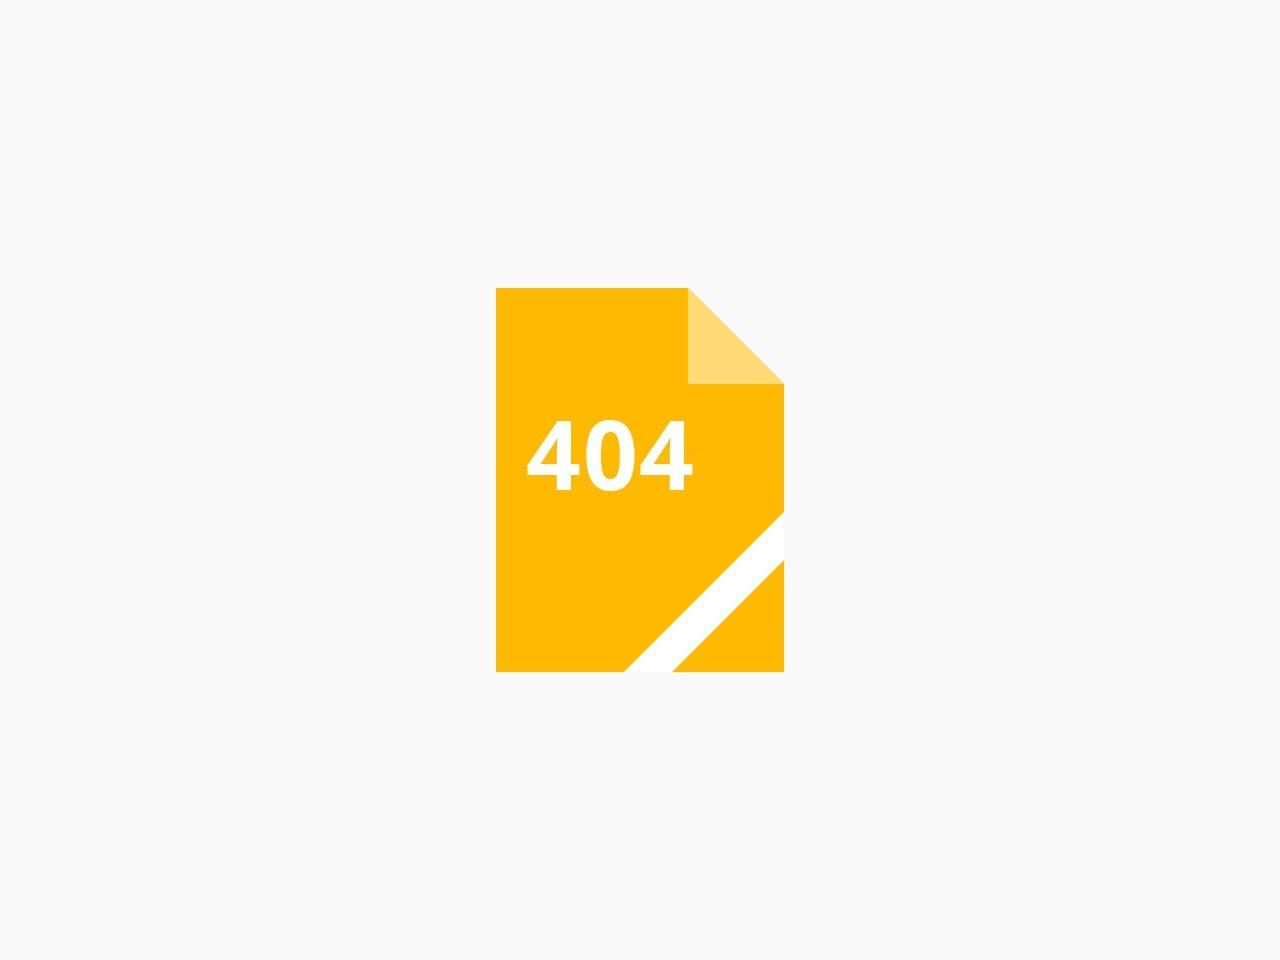 单机游戏_单机游戏下载_最好玩的单机游戏下载基地_游6网